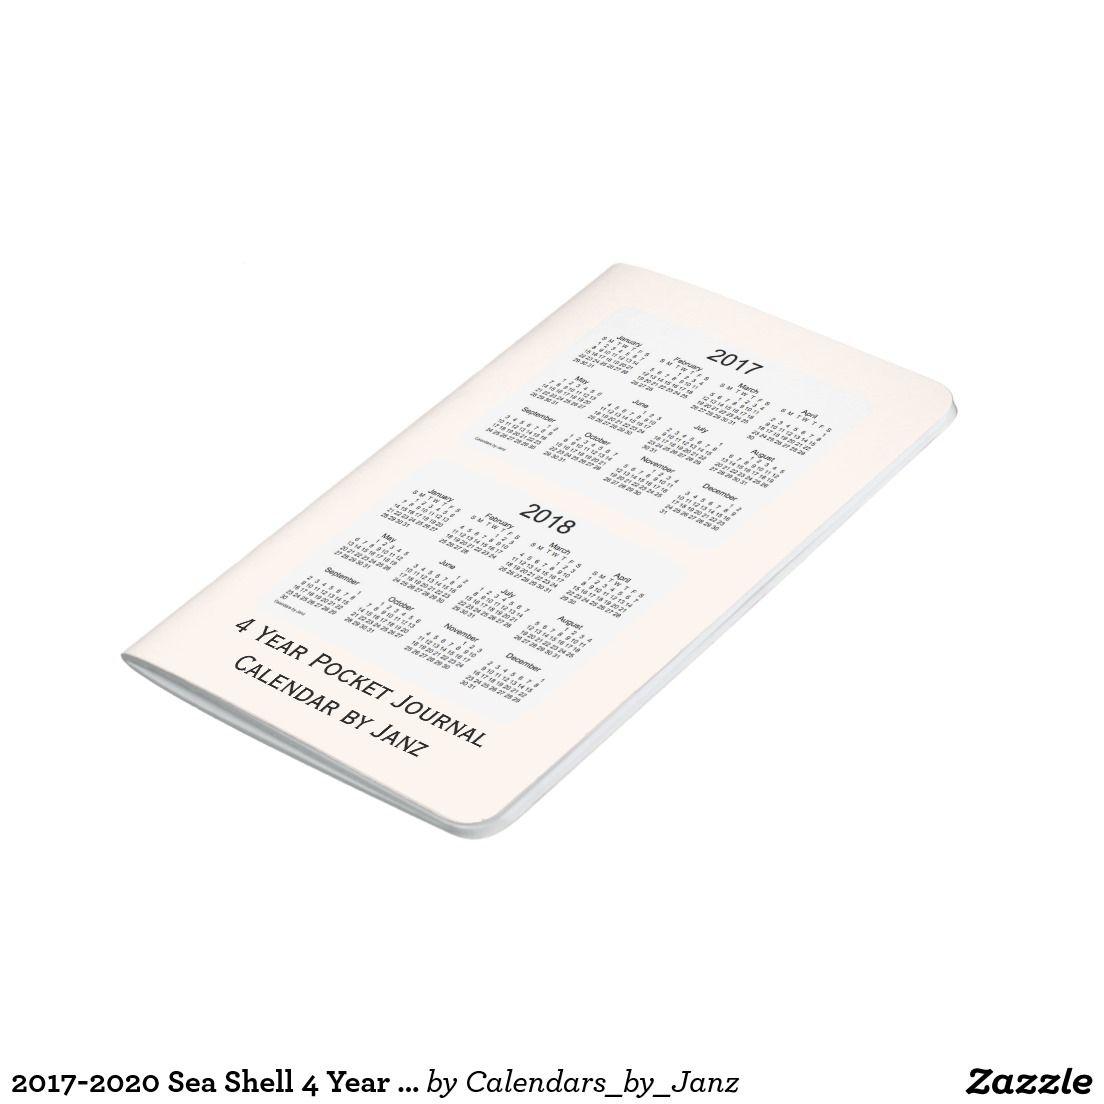 2017-2020 Sea Shell 4 Year Calendar by Janz Journal | Shell